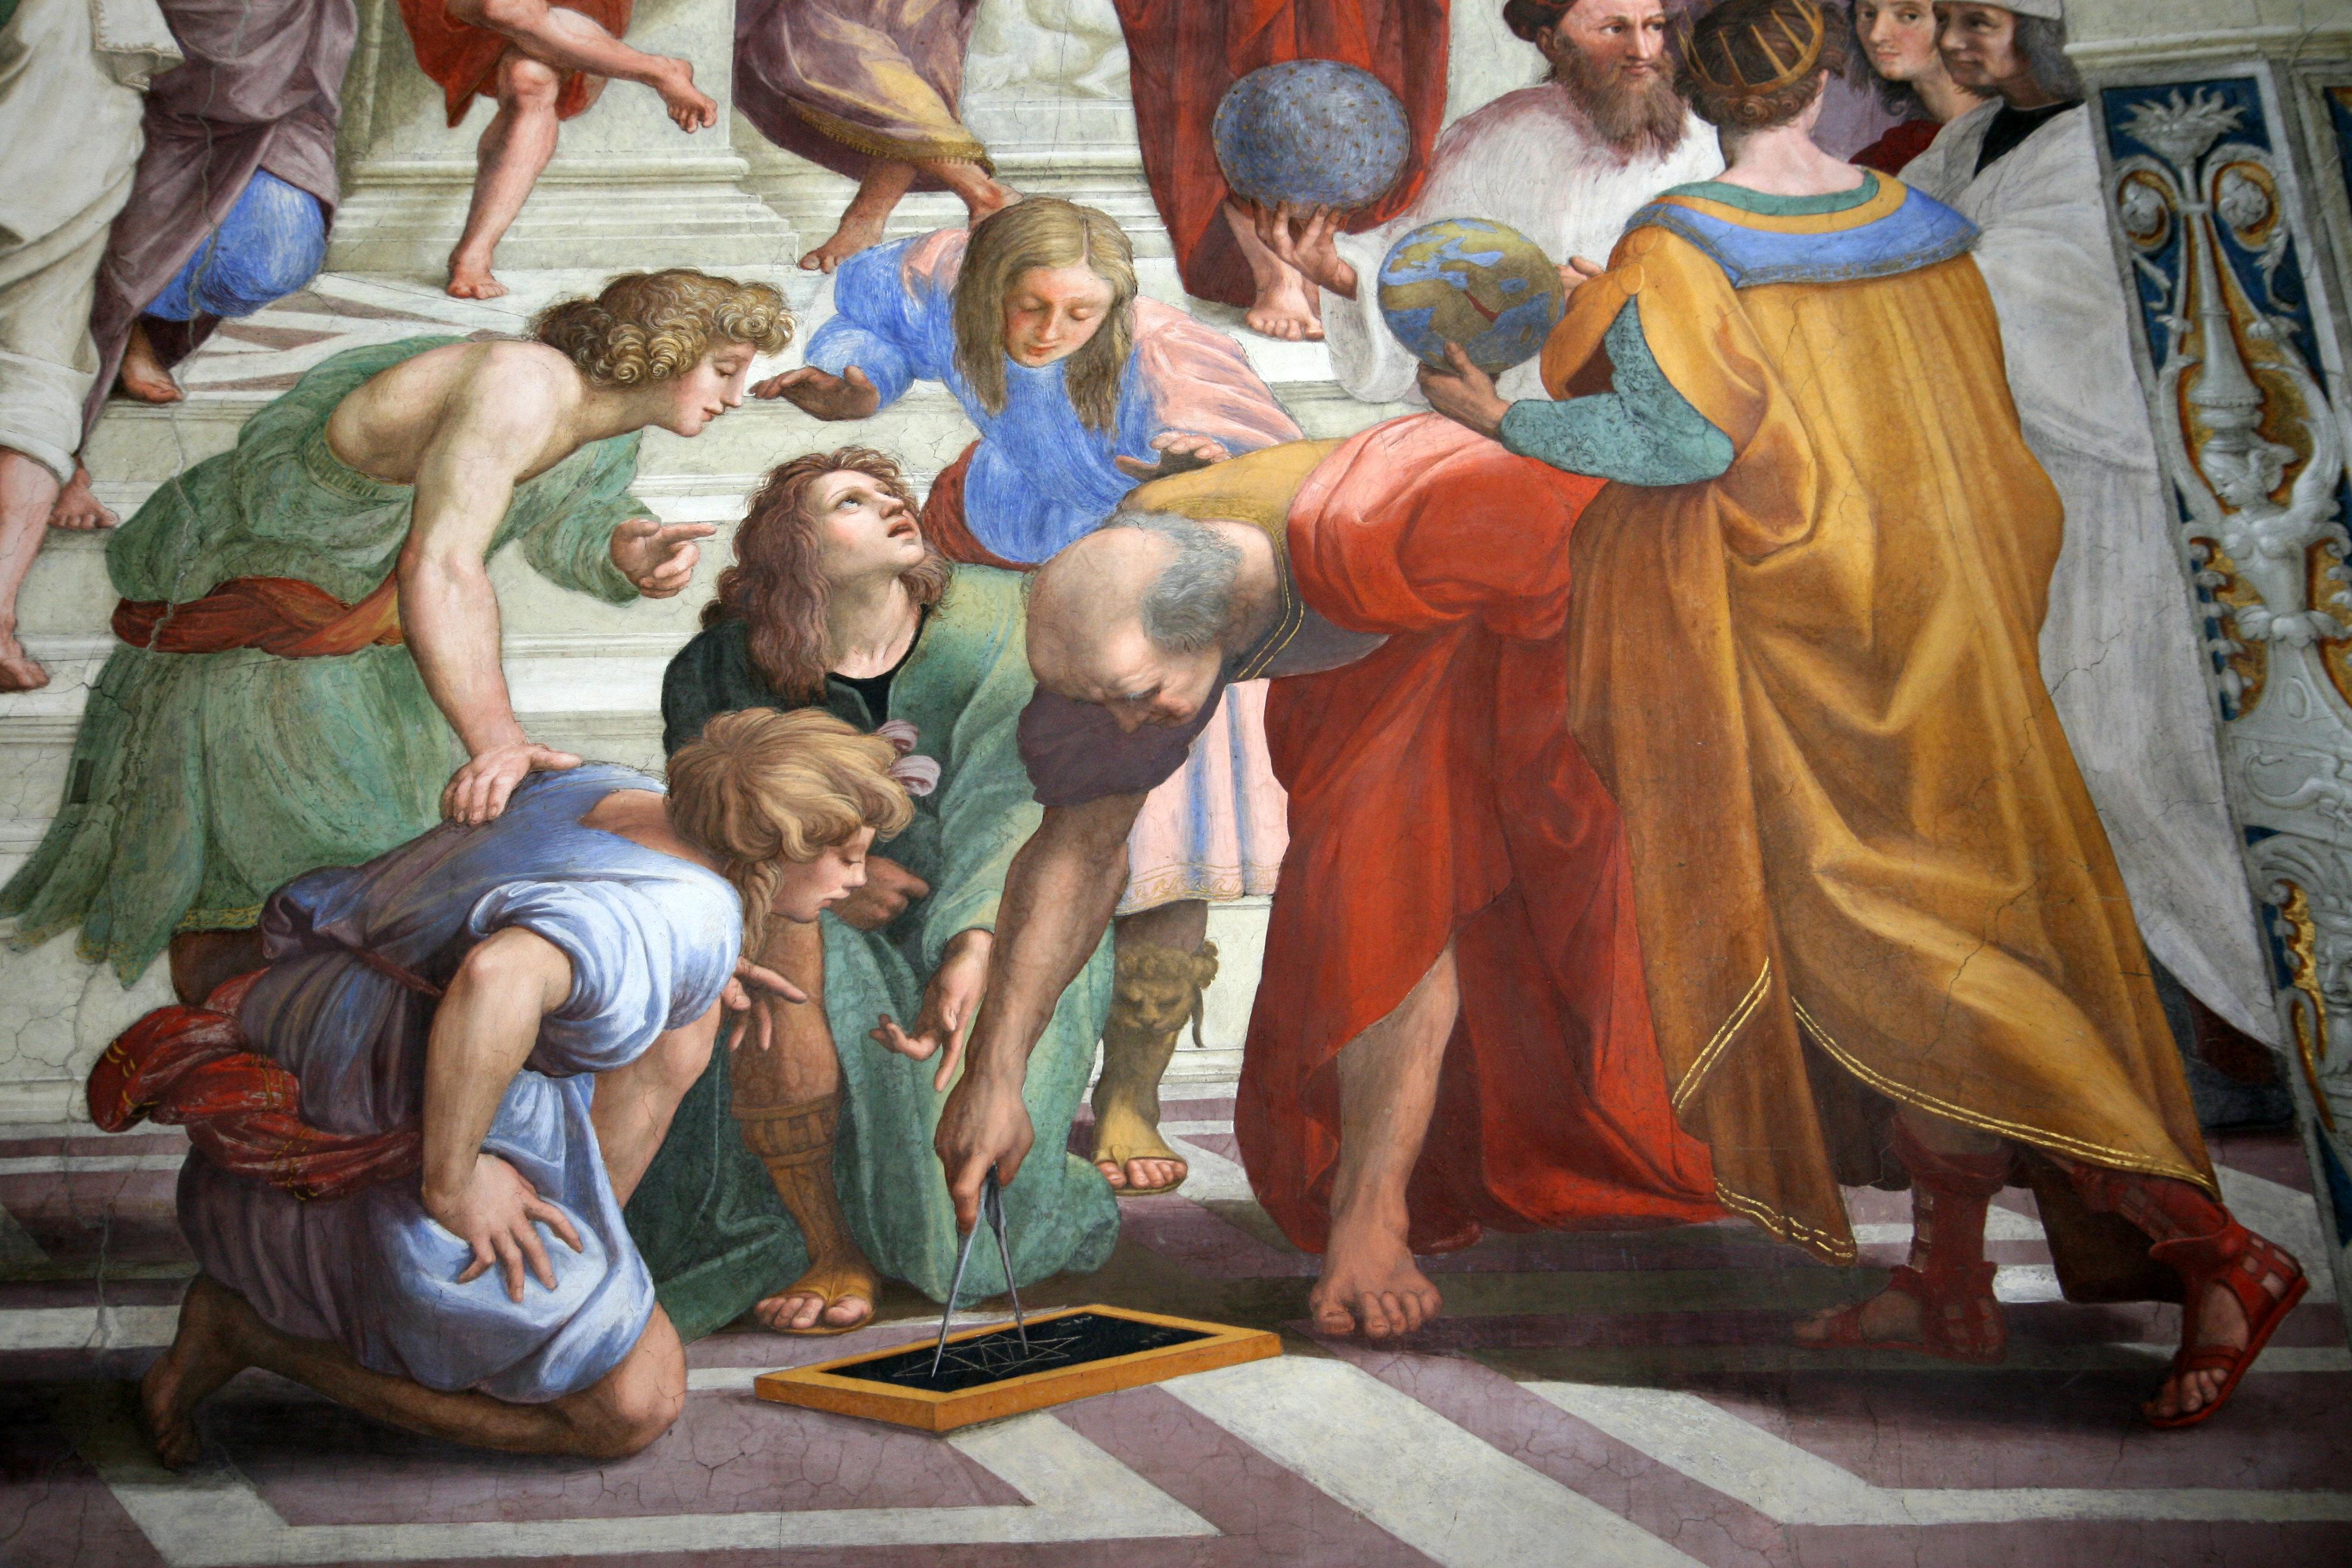 Μαθηματική Εταιρεία: Το υπουργείο Παιδείας δεν καταλαβαίνει ...Πλάτωνα και